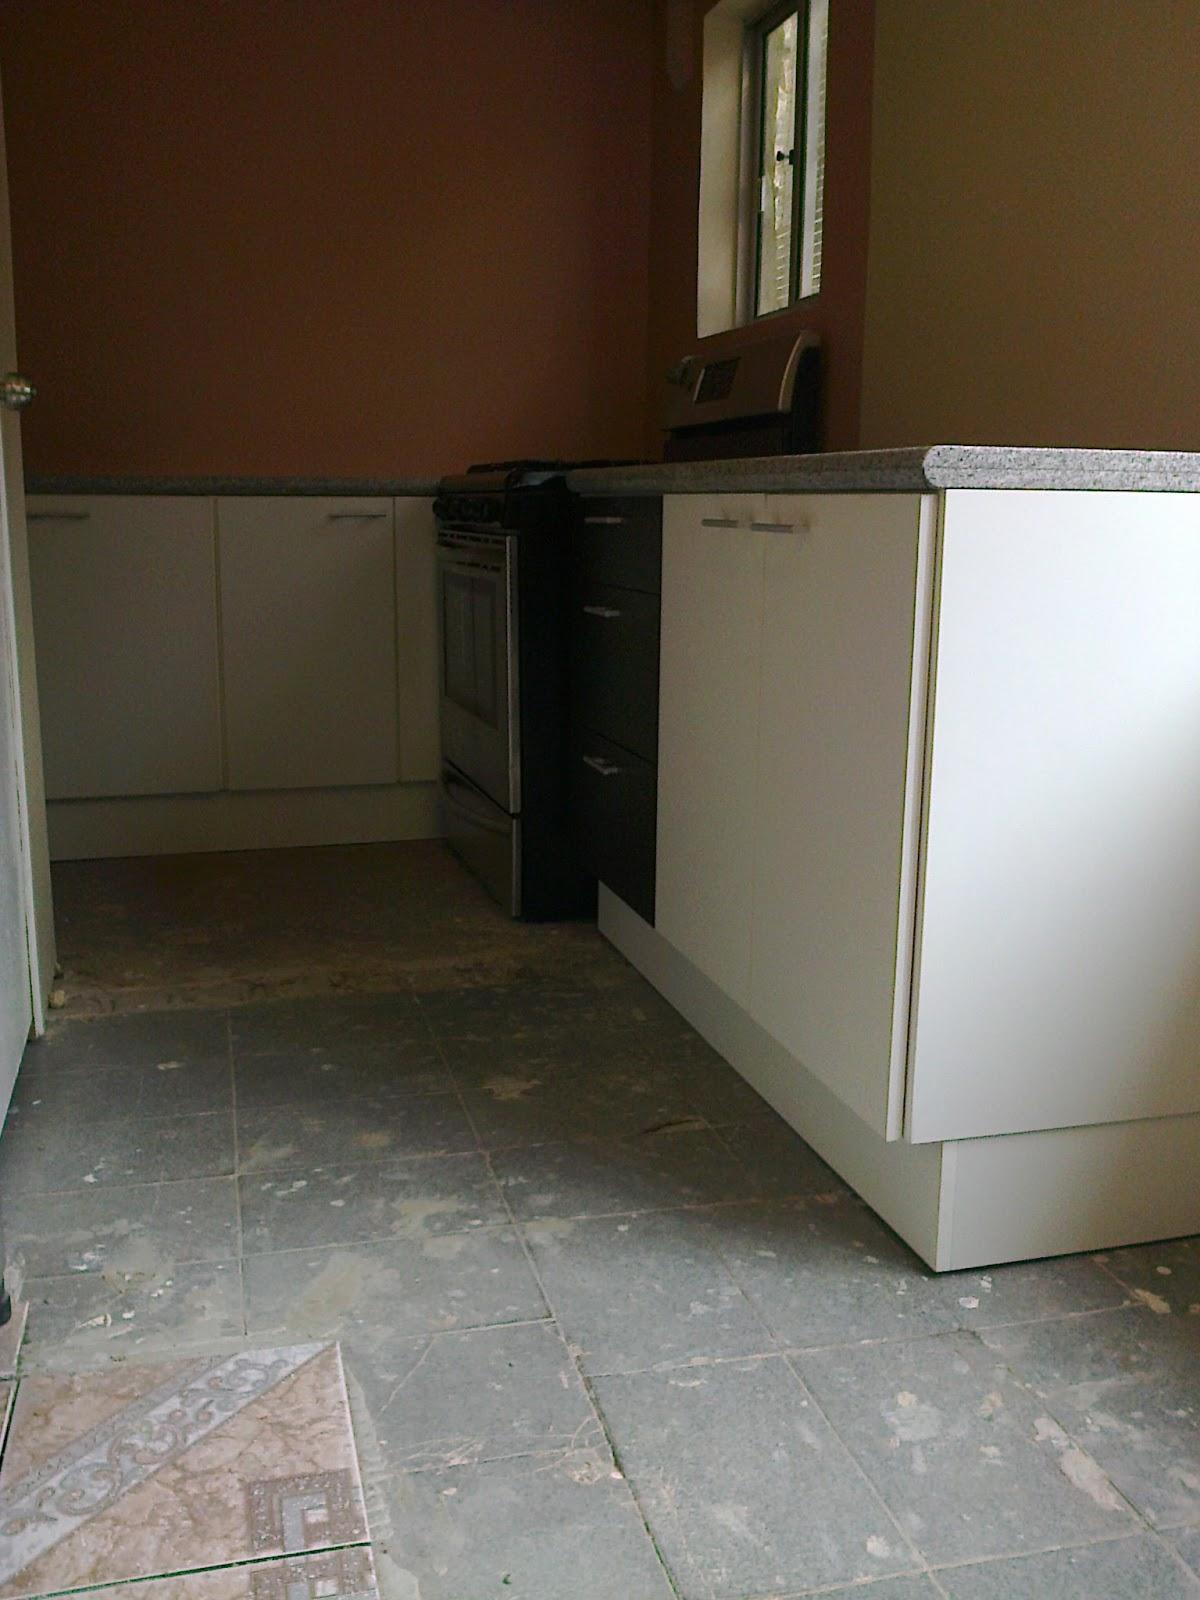 Ideal carpinteria mobiliario de cocina melaminico blanco for Mobiliario de cocina